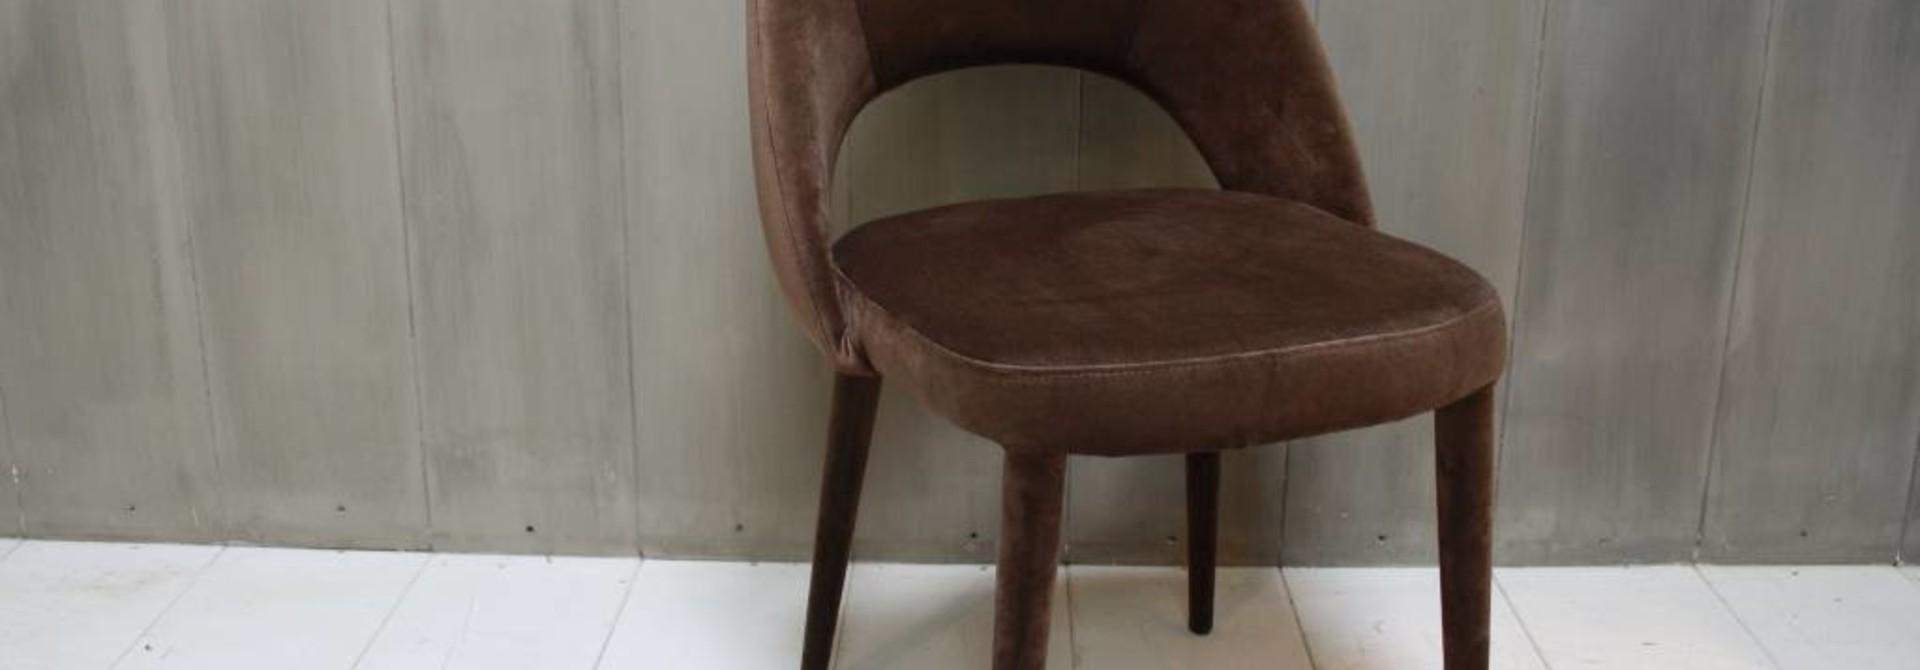 Eetkamerstoel Oliver velvet bruin + velvet poten